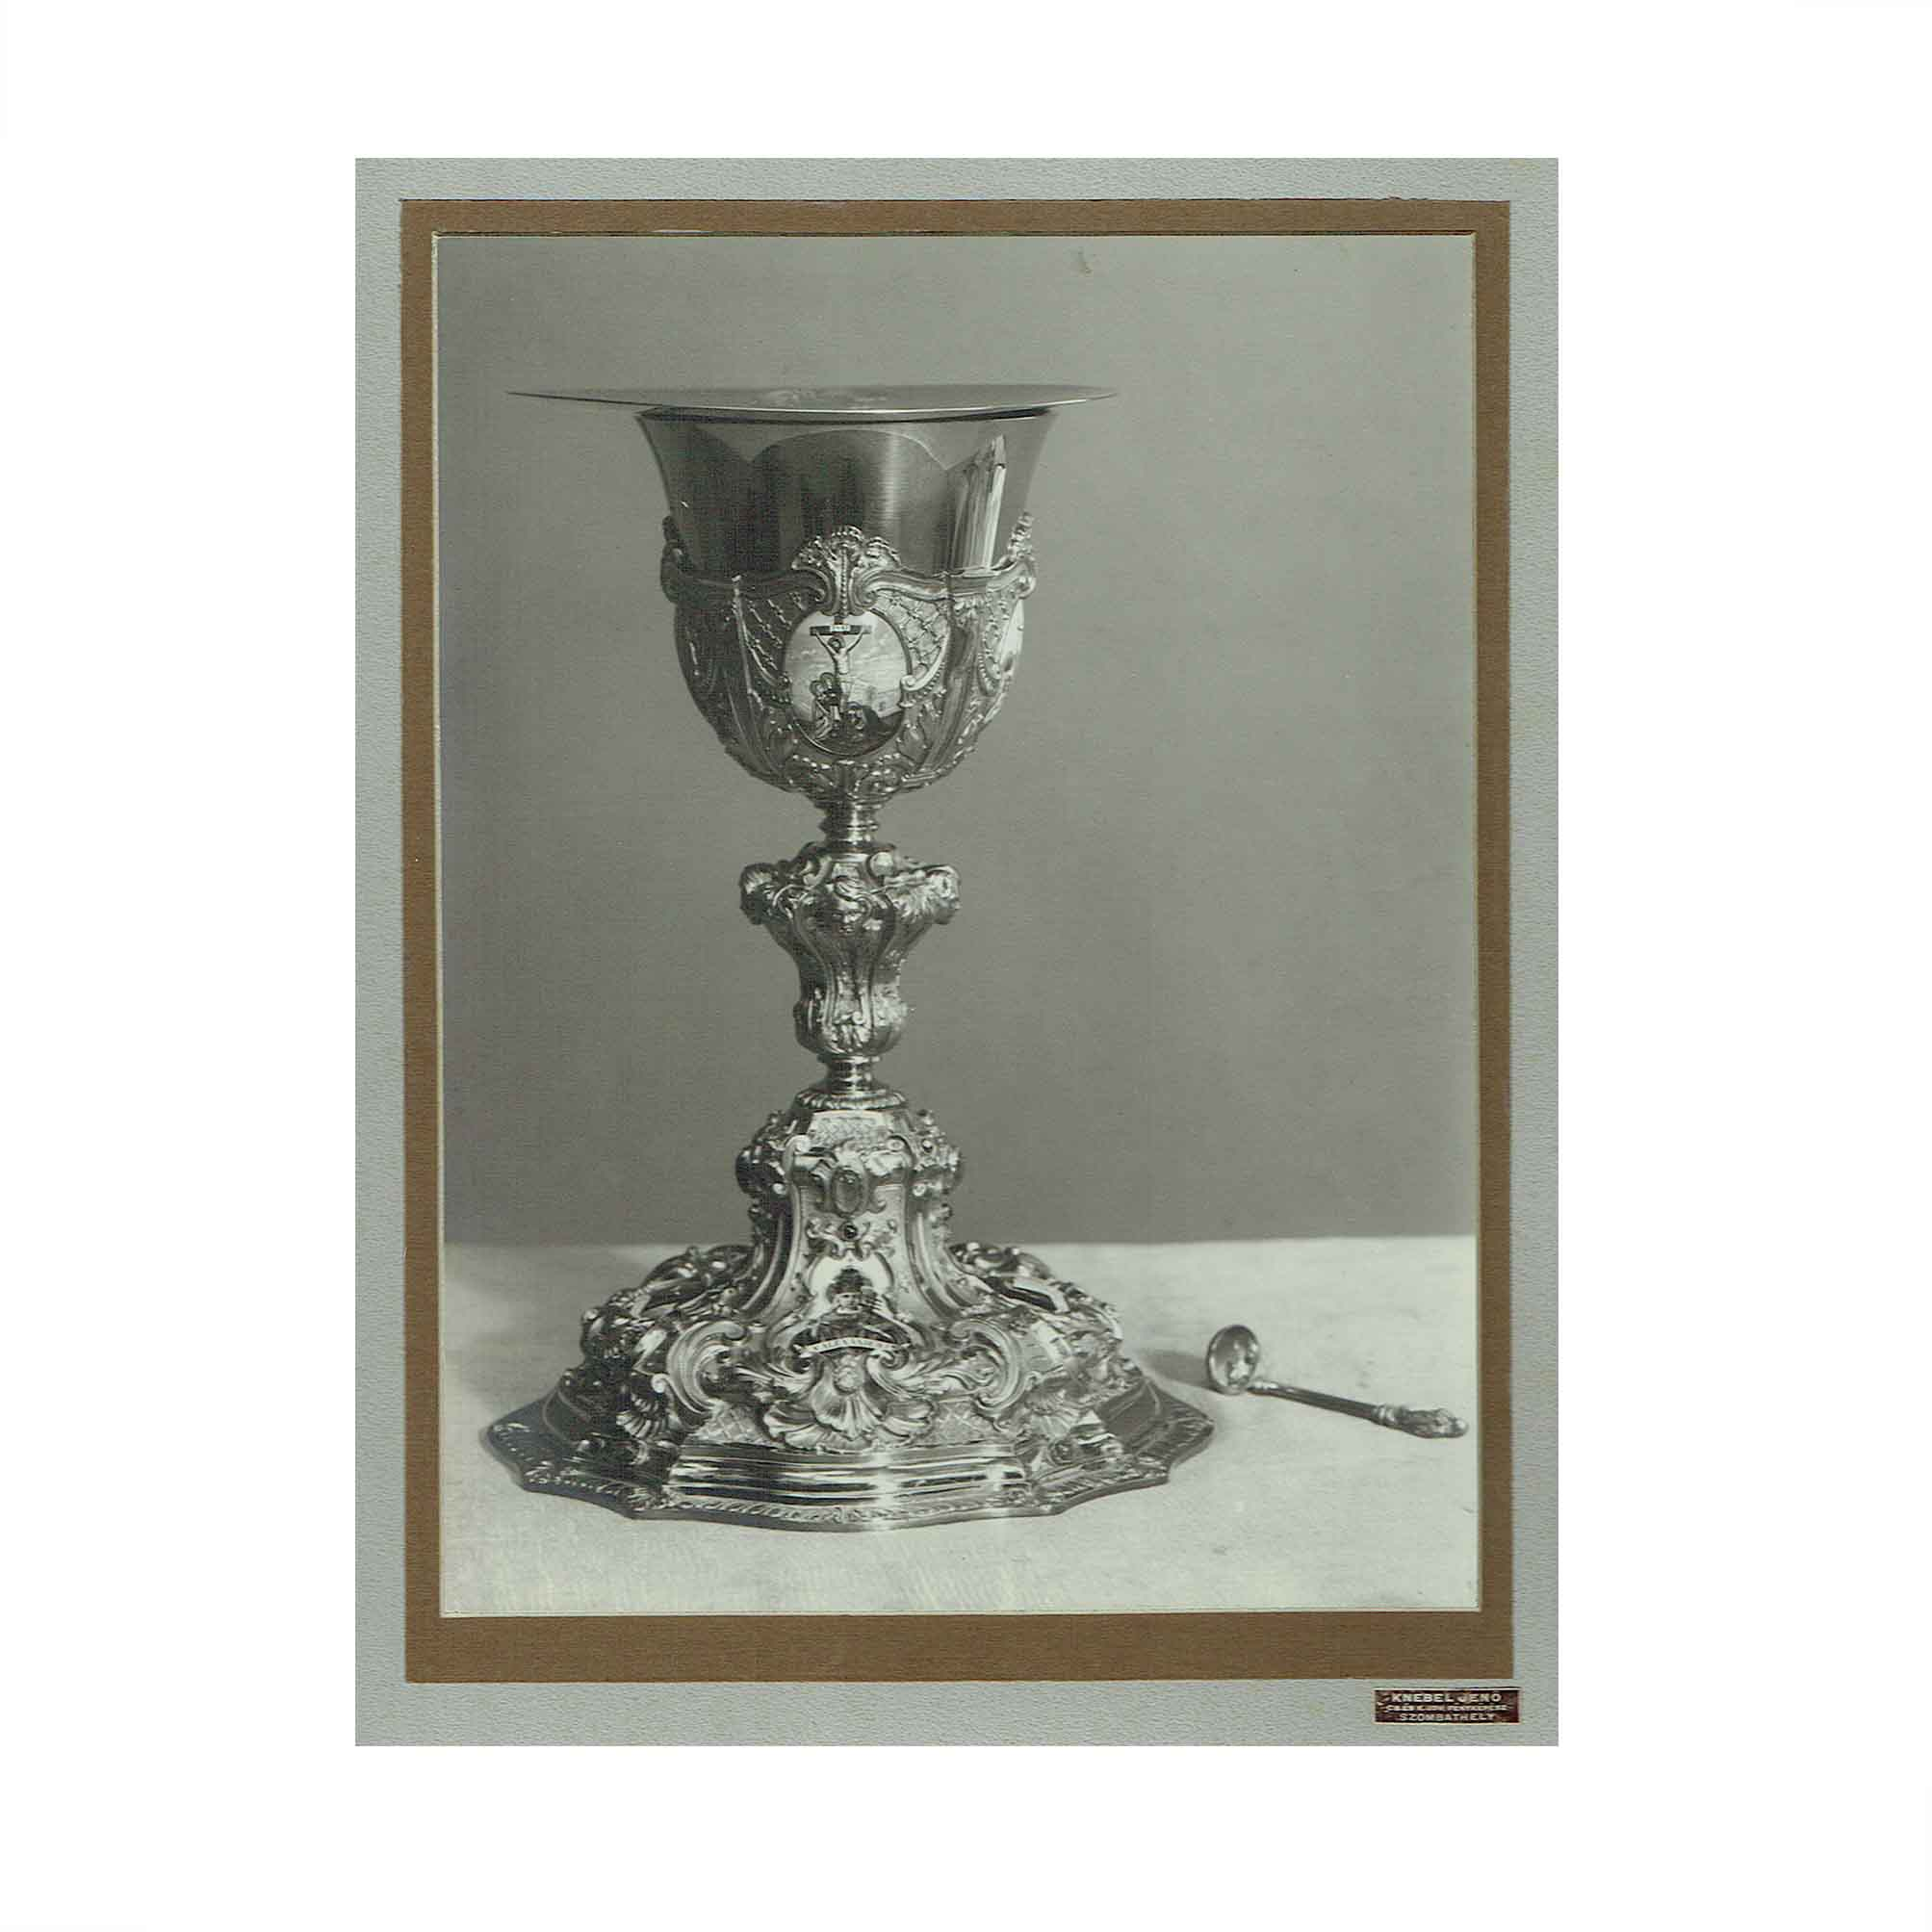 5493-Knebel-Fotos-Beumers-Tauber-Kelch-1907-2-A-N.jpg